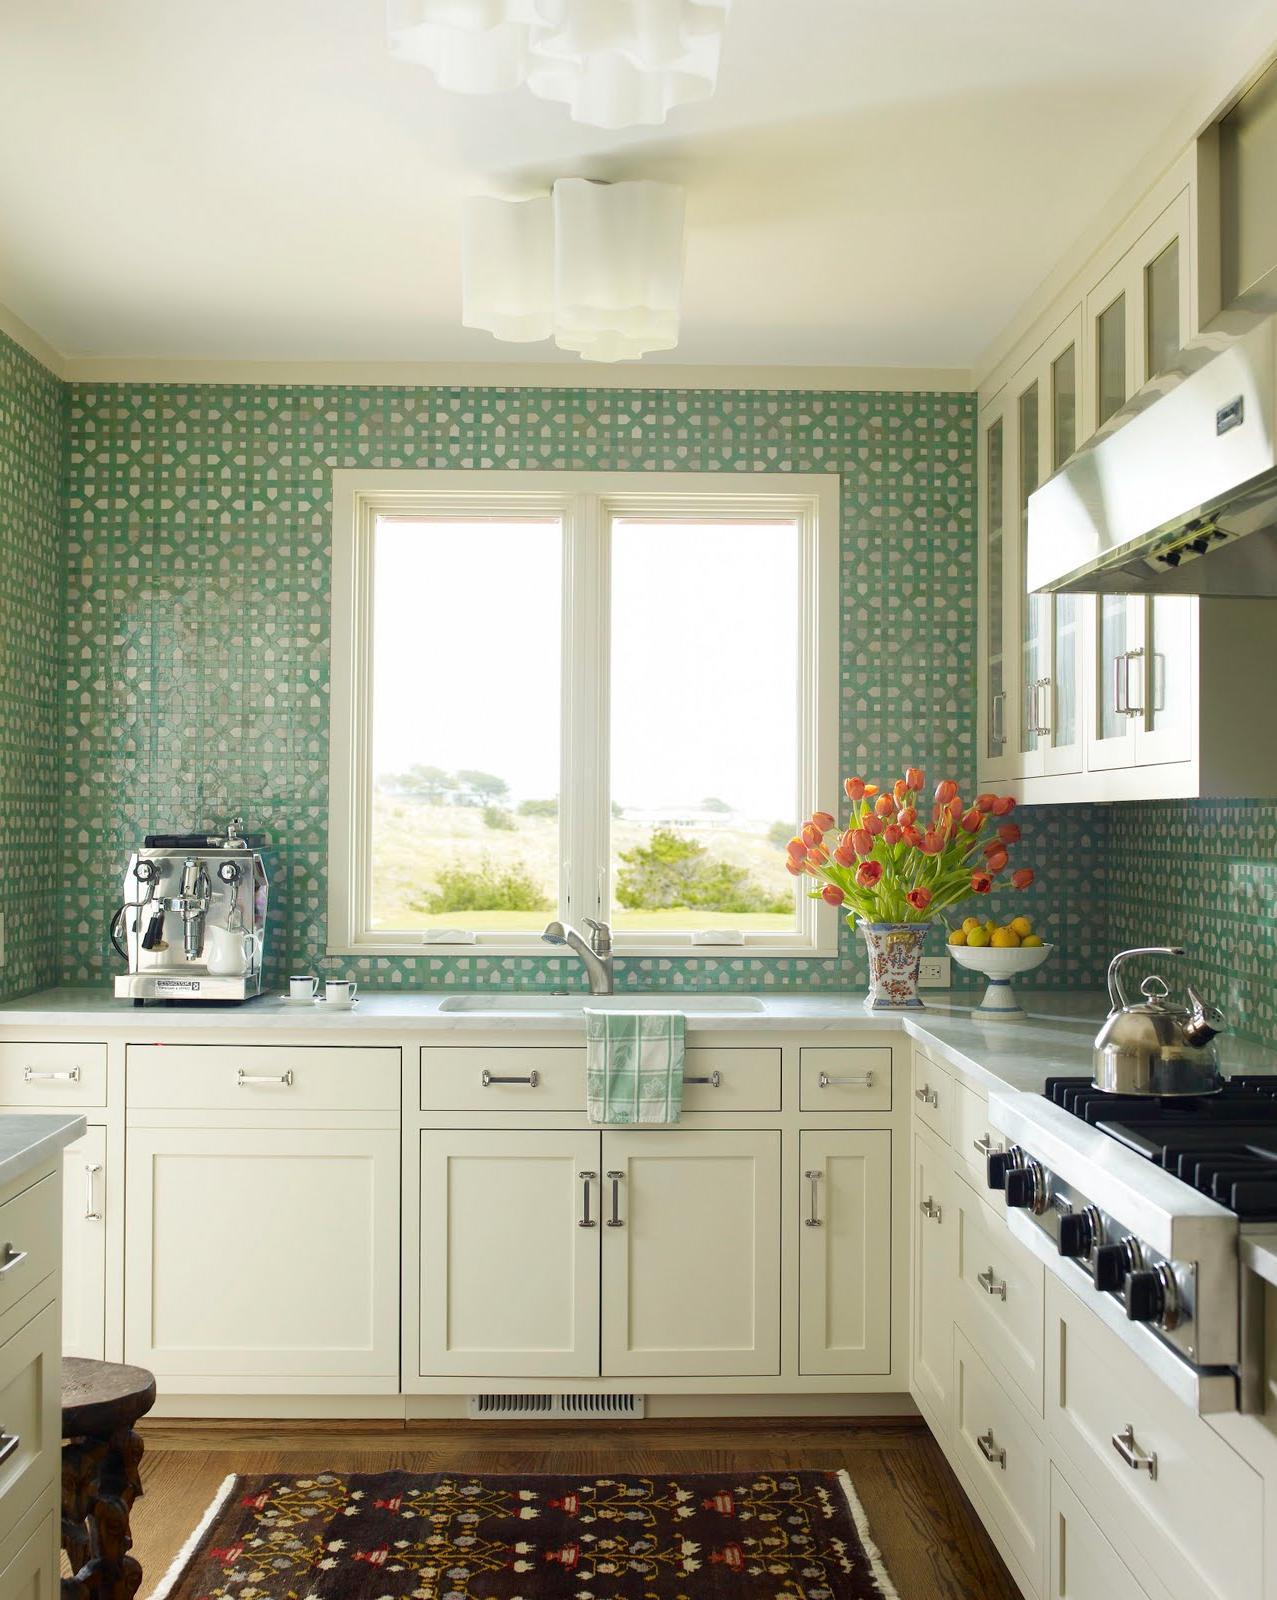 Aqua mosaic tiles form a